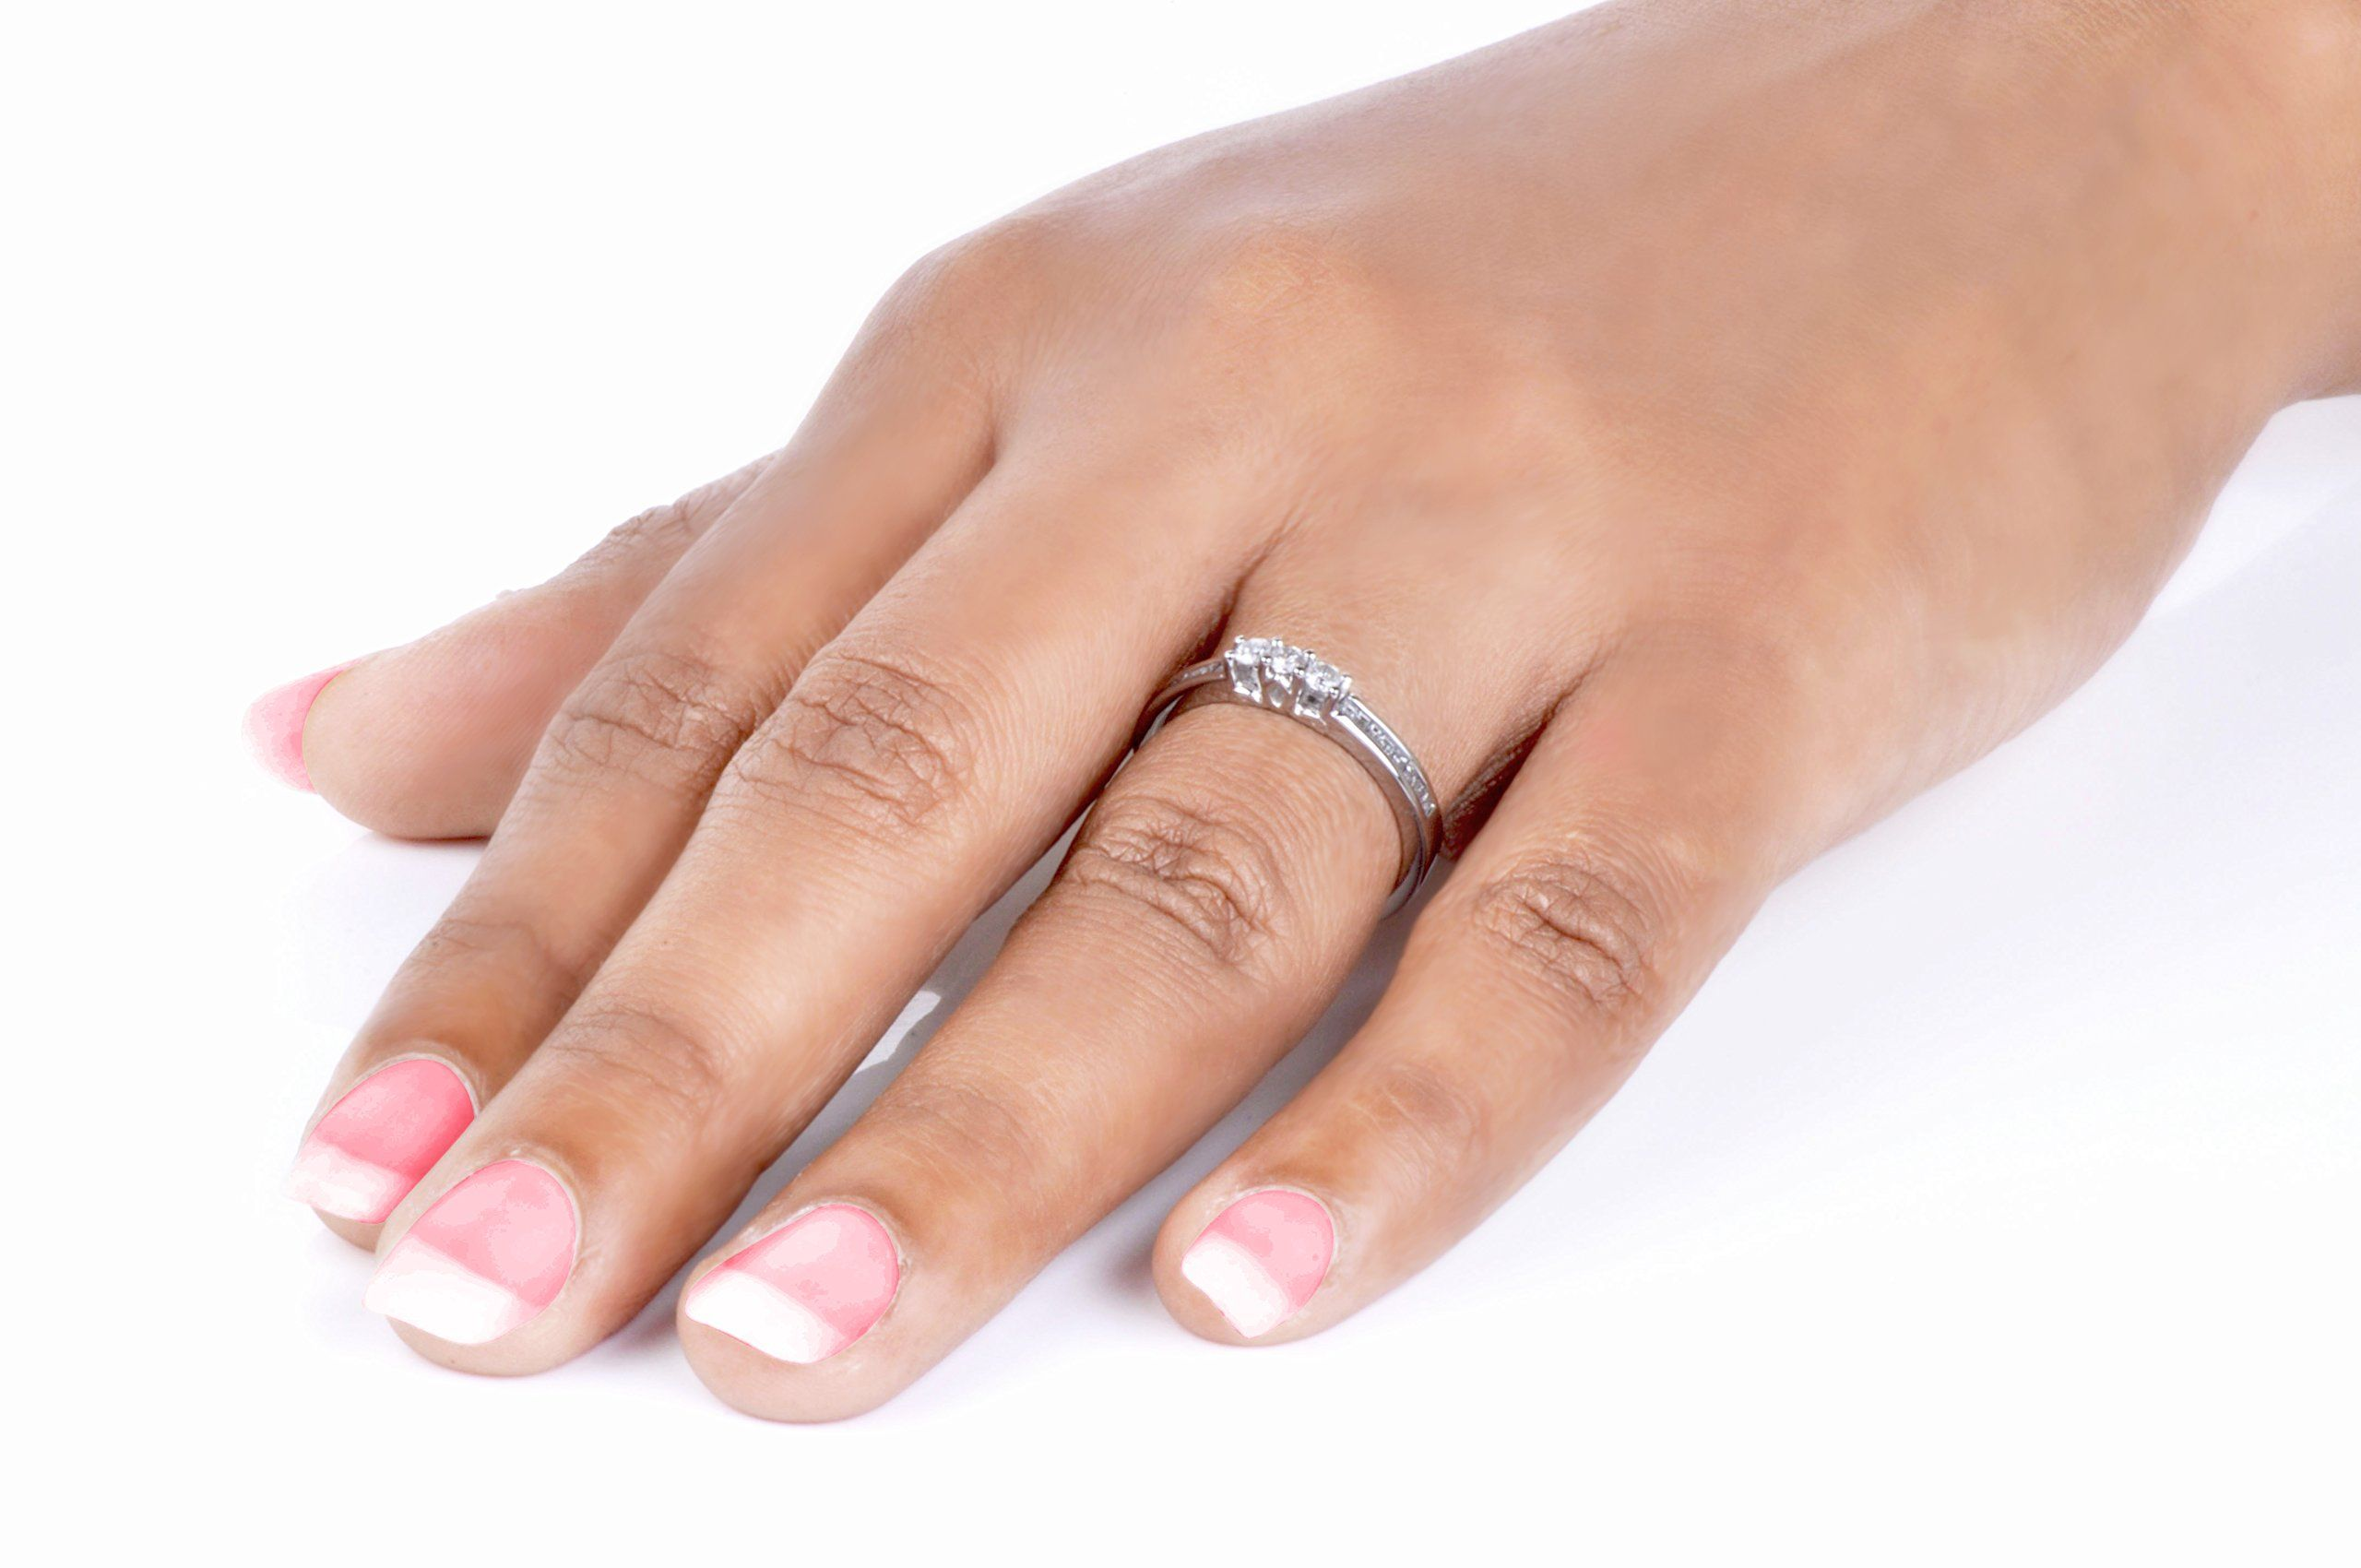 Diamond Engagement Ring 1 3 Carat Ctw In 14k White Gold Affiliate Diamond Diamond Engagement Rings Engagement Rings Engagement Ring Carats